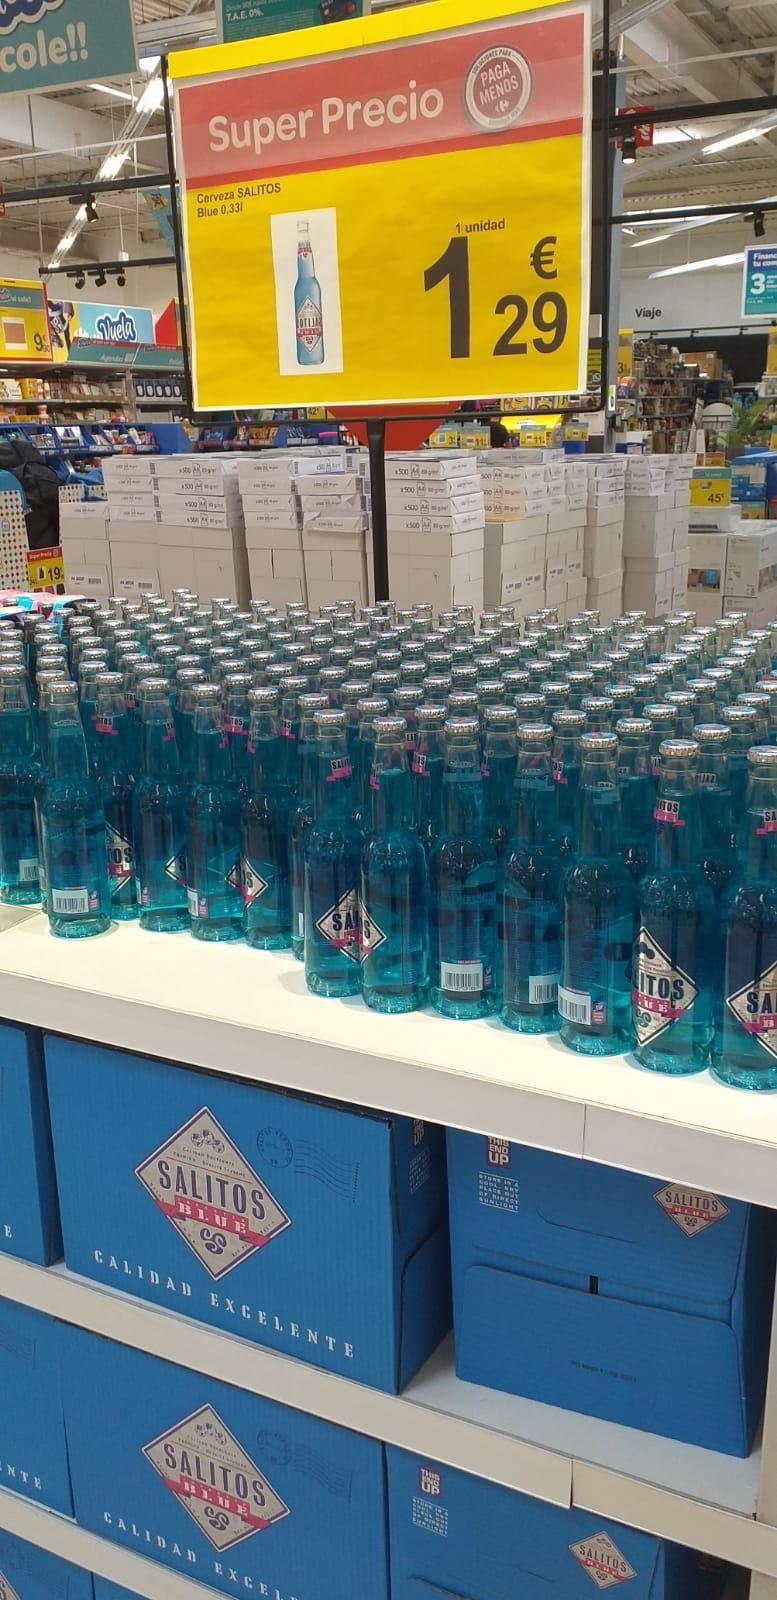 Salitos blue, nueva bebida de moda ahora tambien en Carrefour